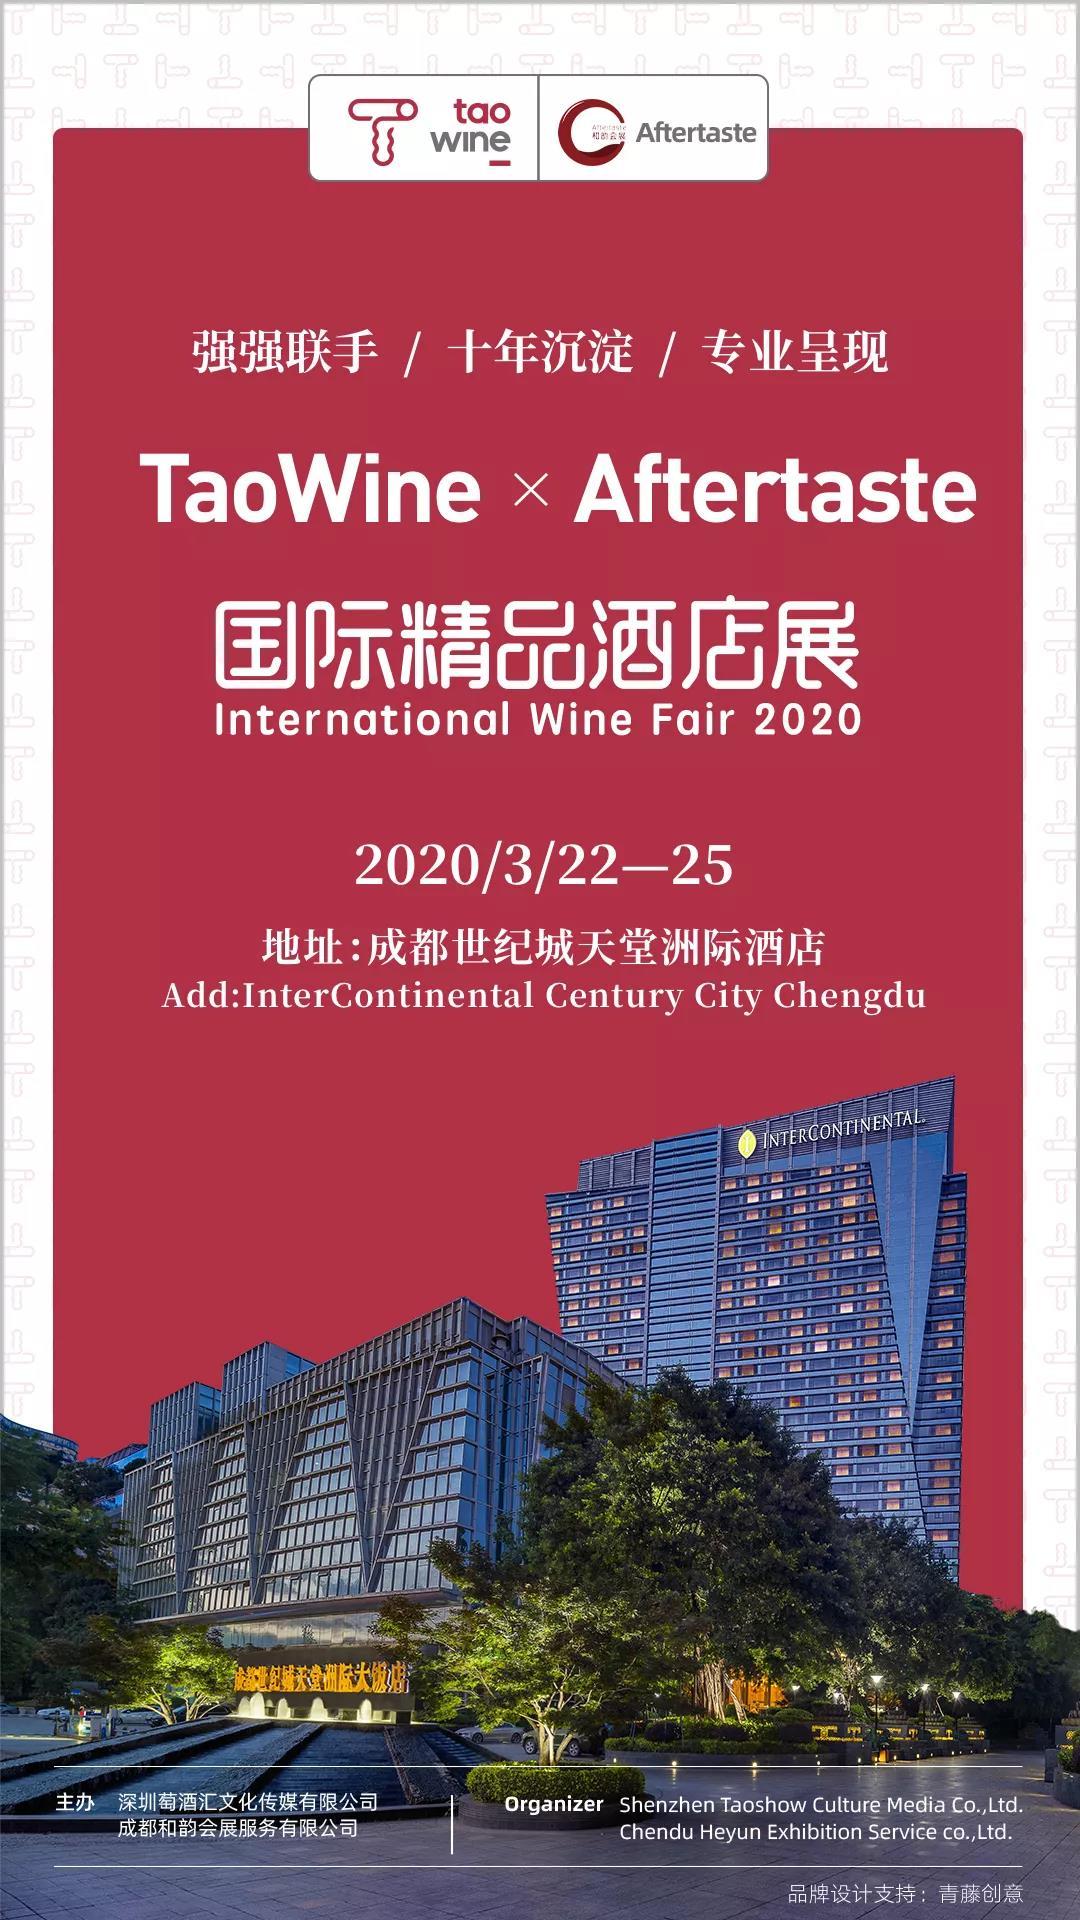 2020春糖酒类新热点展区—TaoWine & Aftertaste国际精品酒店展耀世而出